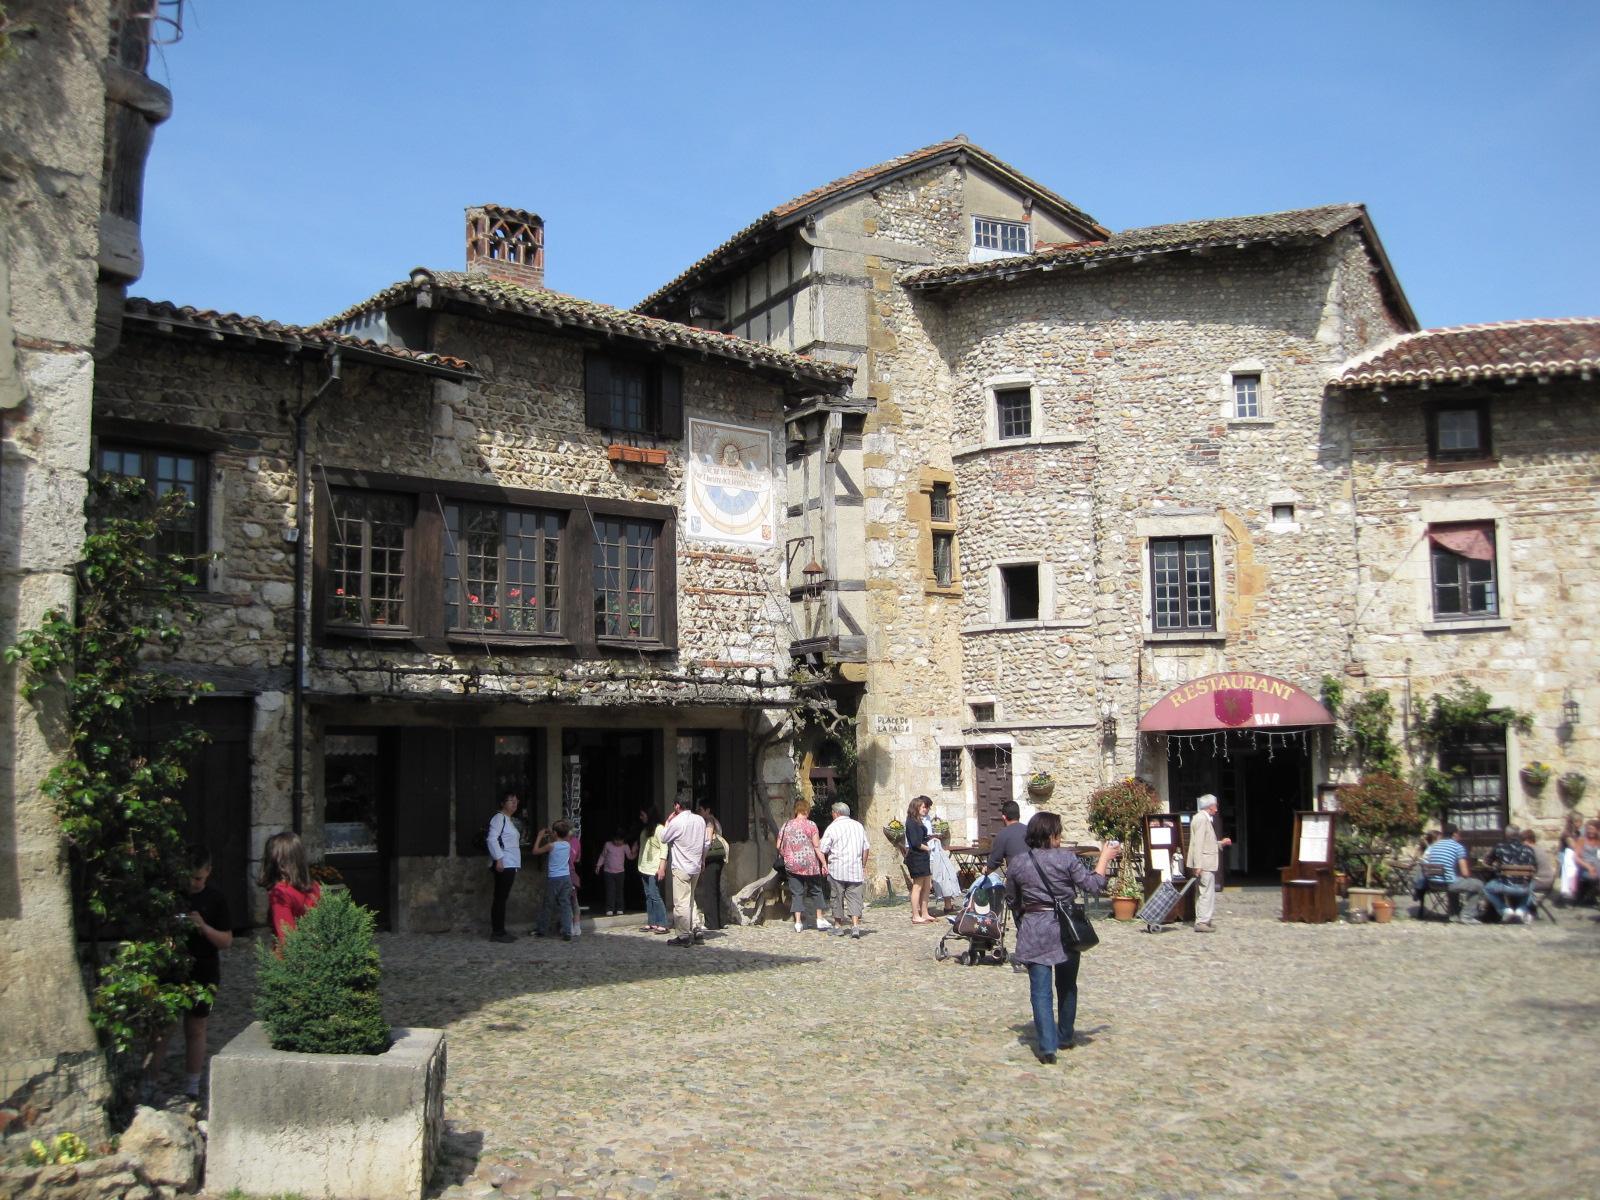 983-perouges-plus-beaux-villages-de-france-ain.jpg